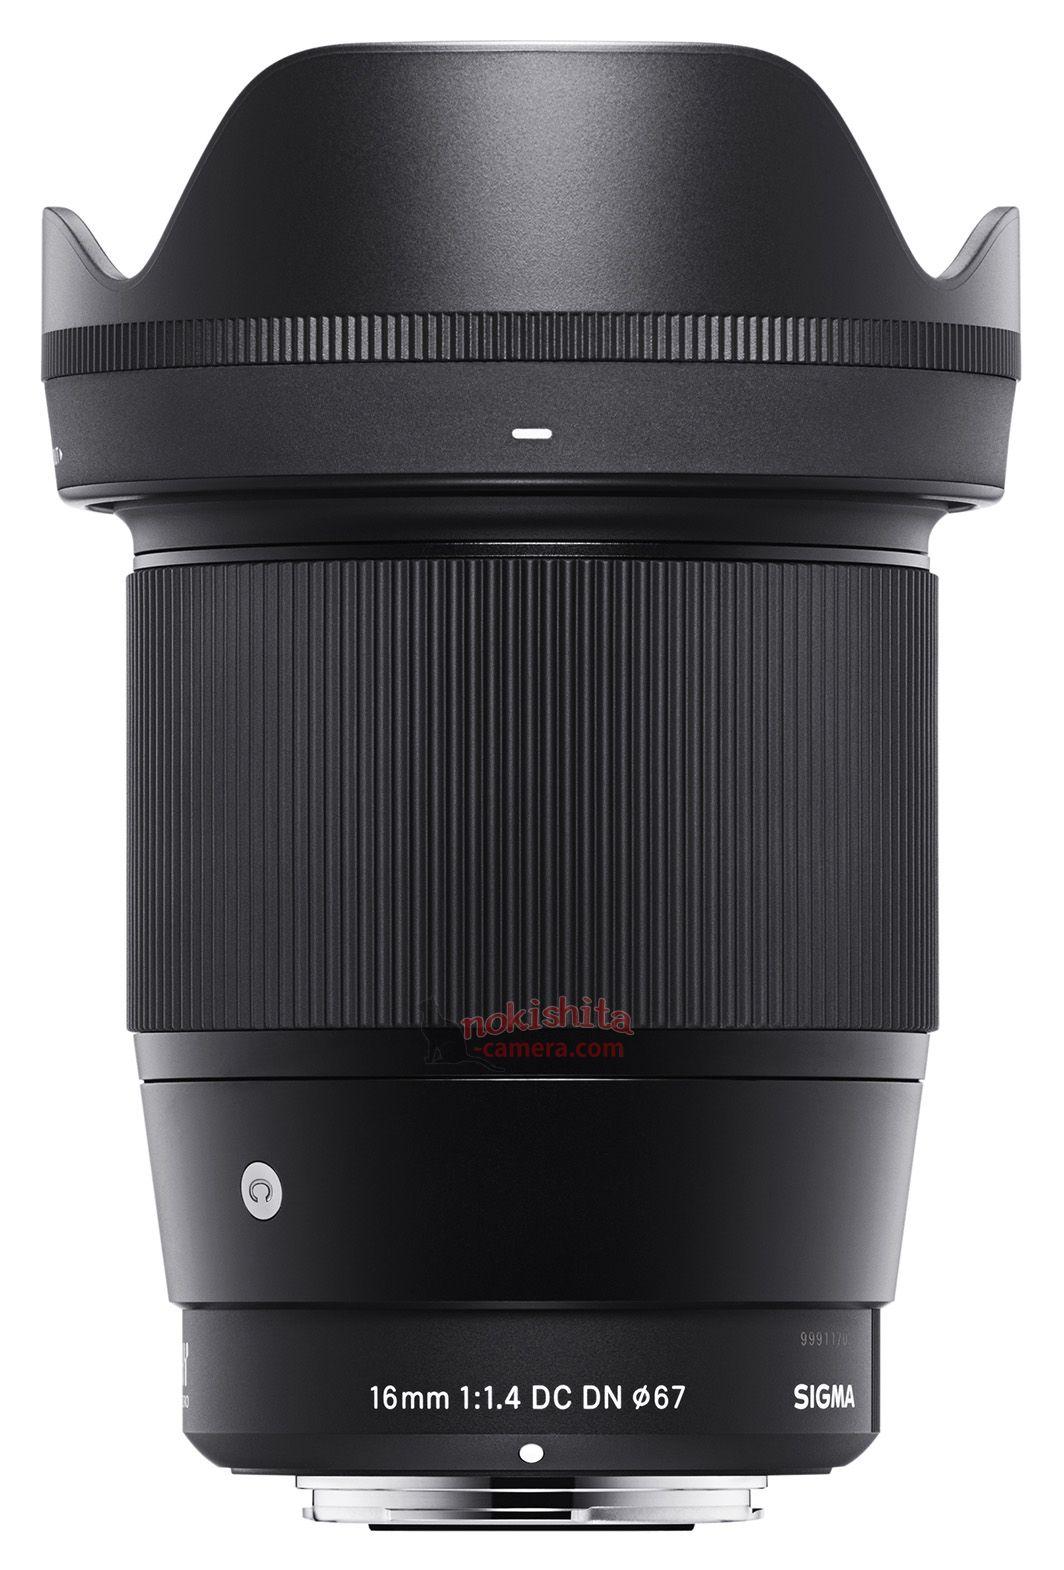 Sigma 16mm f/1.4 DC DN с блендой